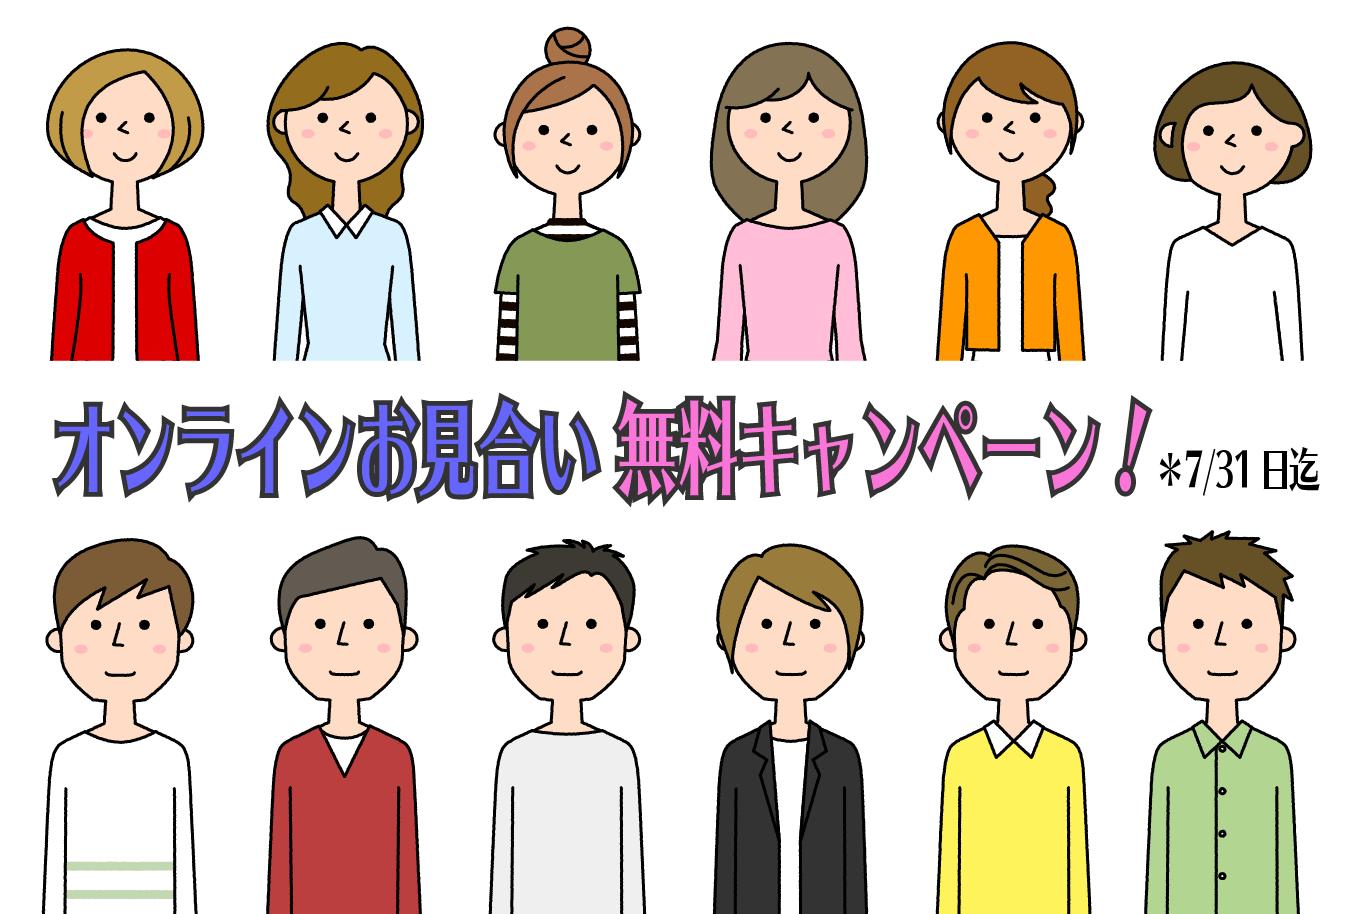 『ONLINE お見合い無料キャンペーン』 ― オンライン好評につき無料キャンペーン実施中!〈7月31日迄〉ー